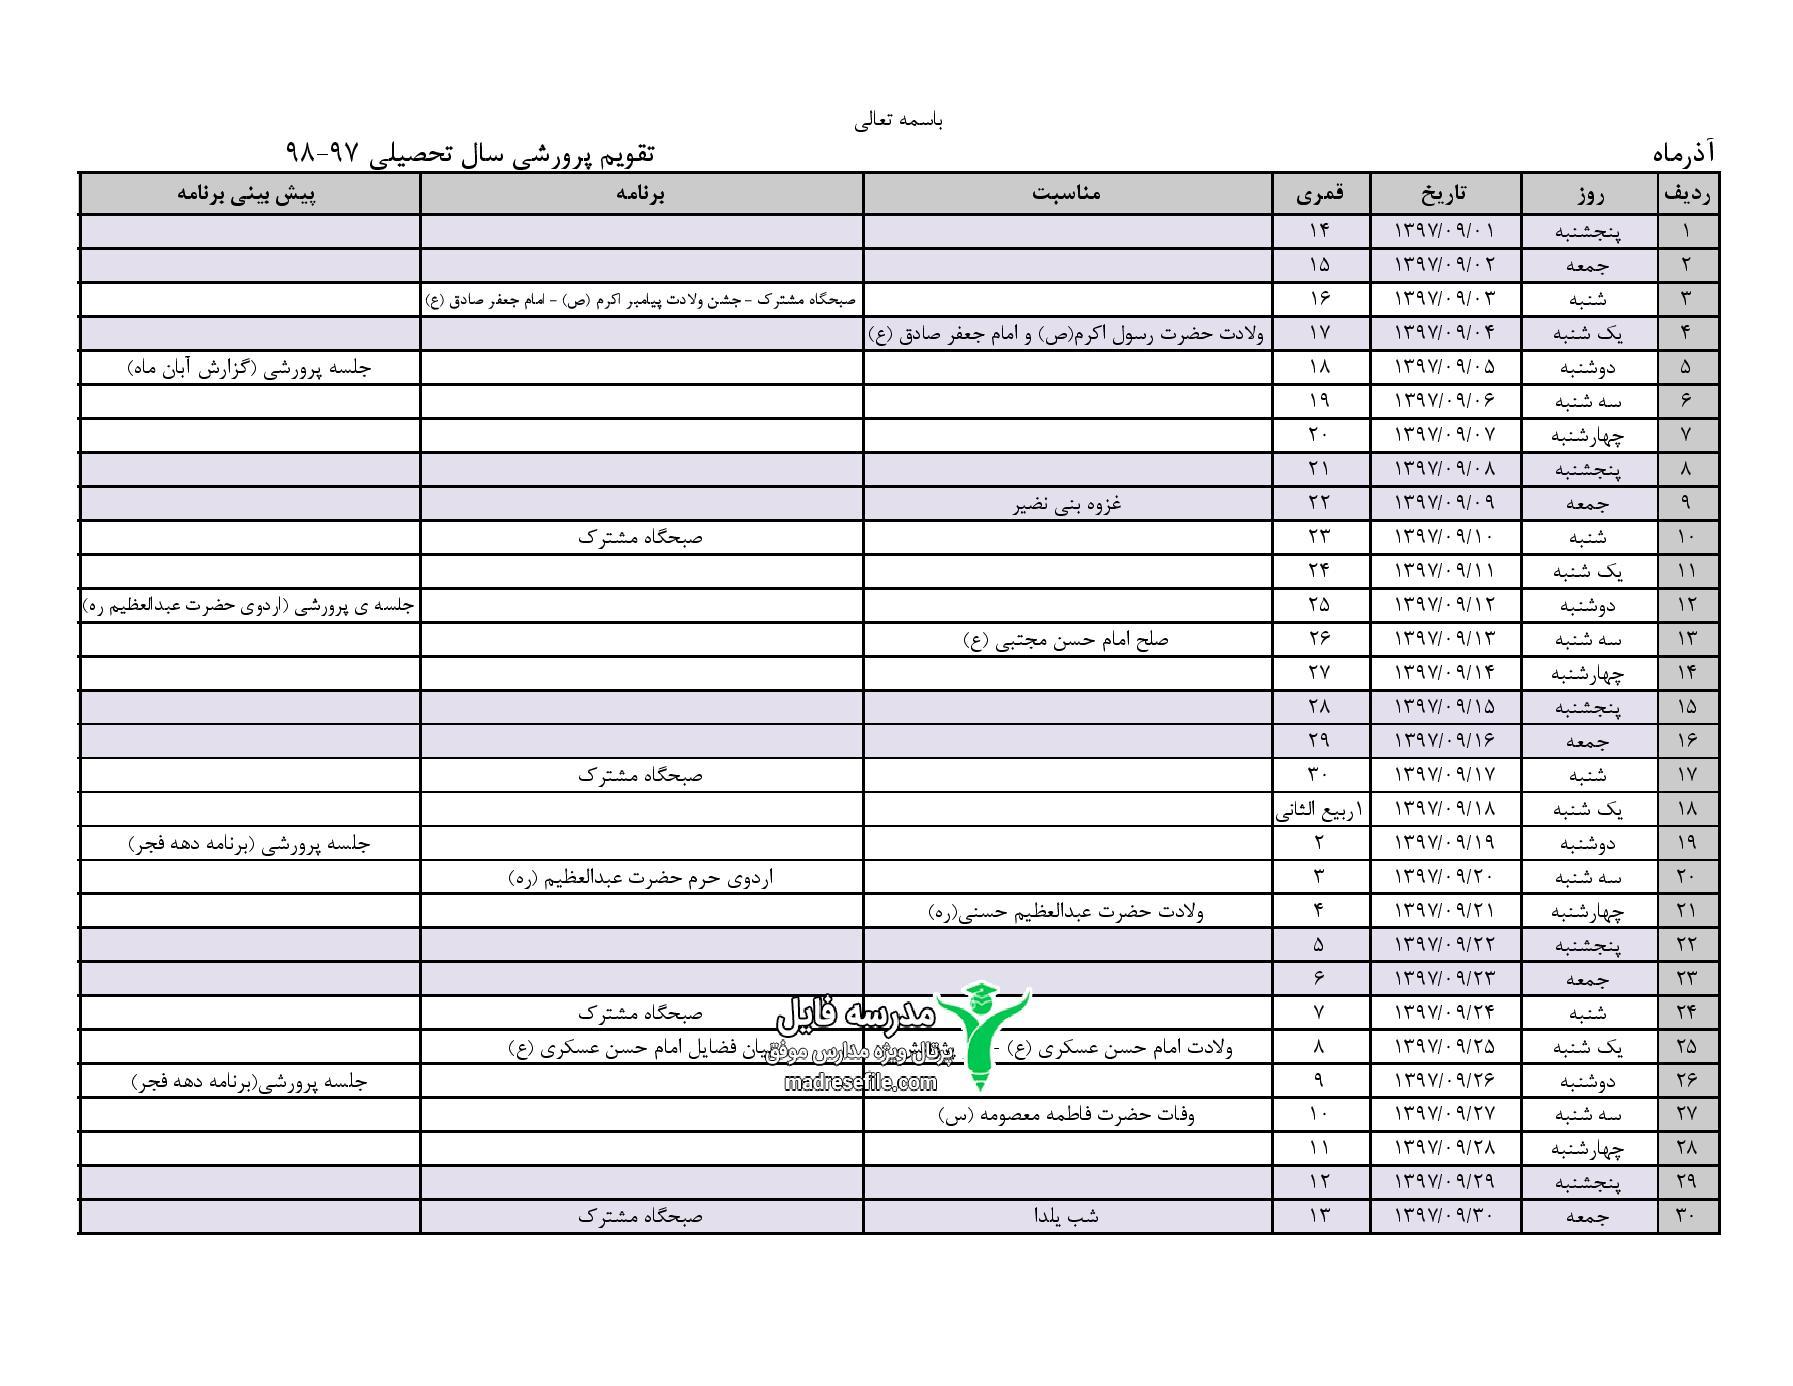 تقویم اجرایی و برنامه سالانه پرورشی آذر ماه 97